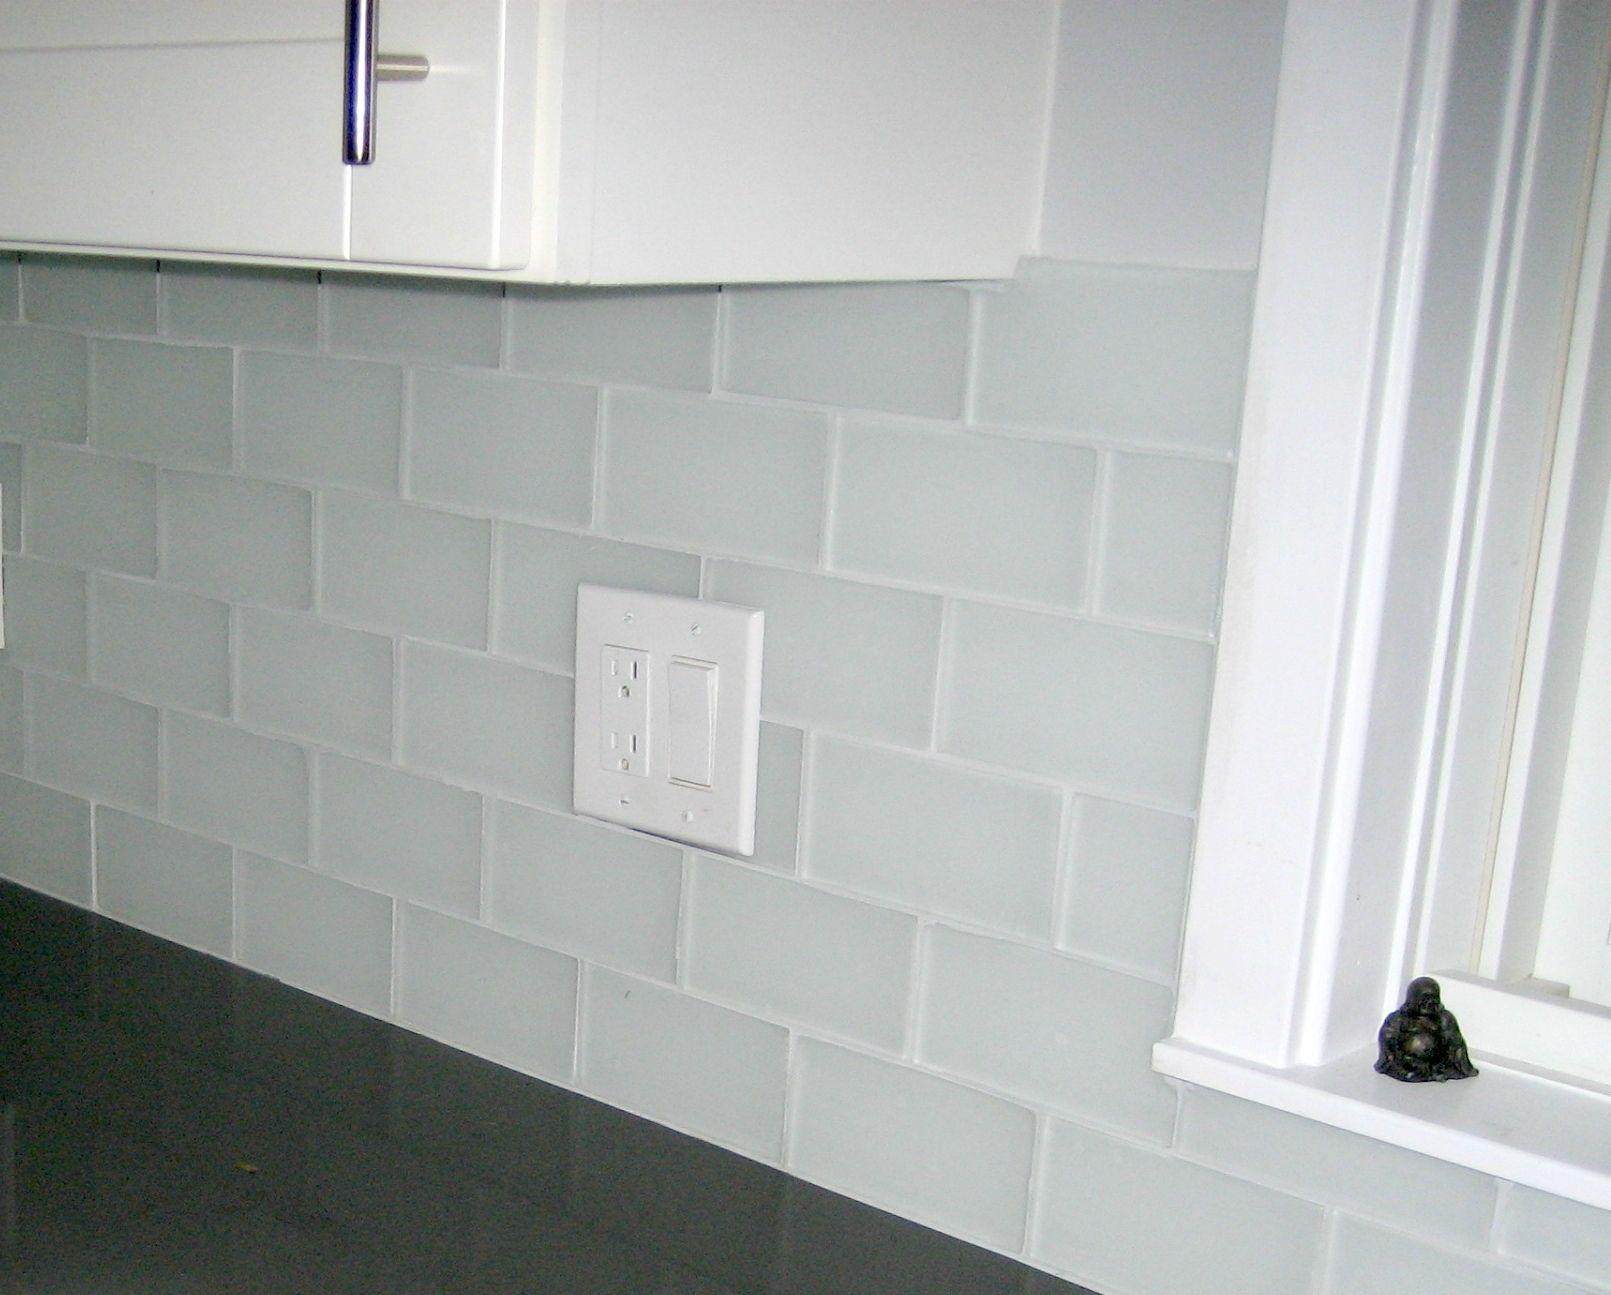 Mixed Style White Tile Backsplash Clear Glass Mosaic Tile Backsplash Roselawnlut Glass Tile Backsplash Kitchen White Tile Backsplash Mosaic Tile Backsplash